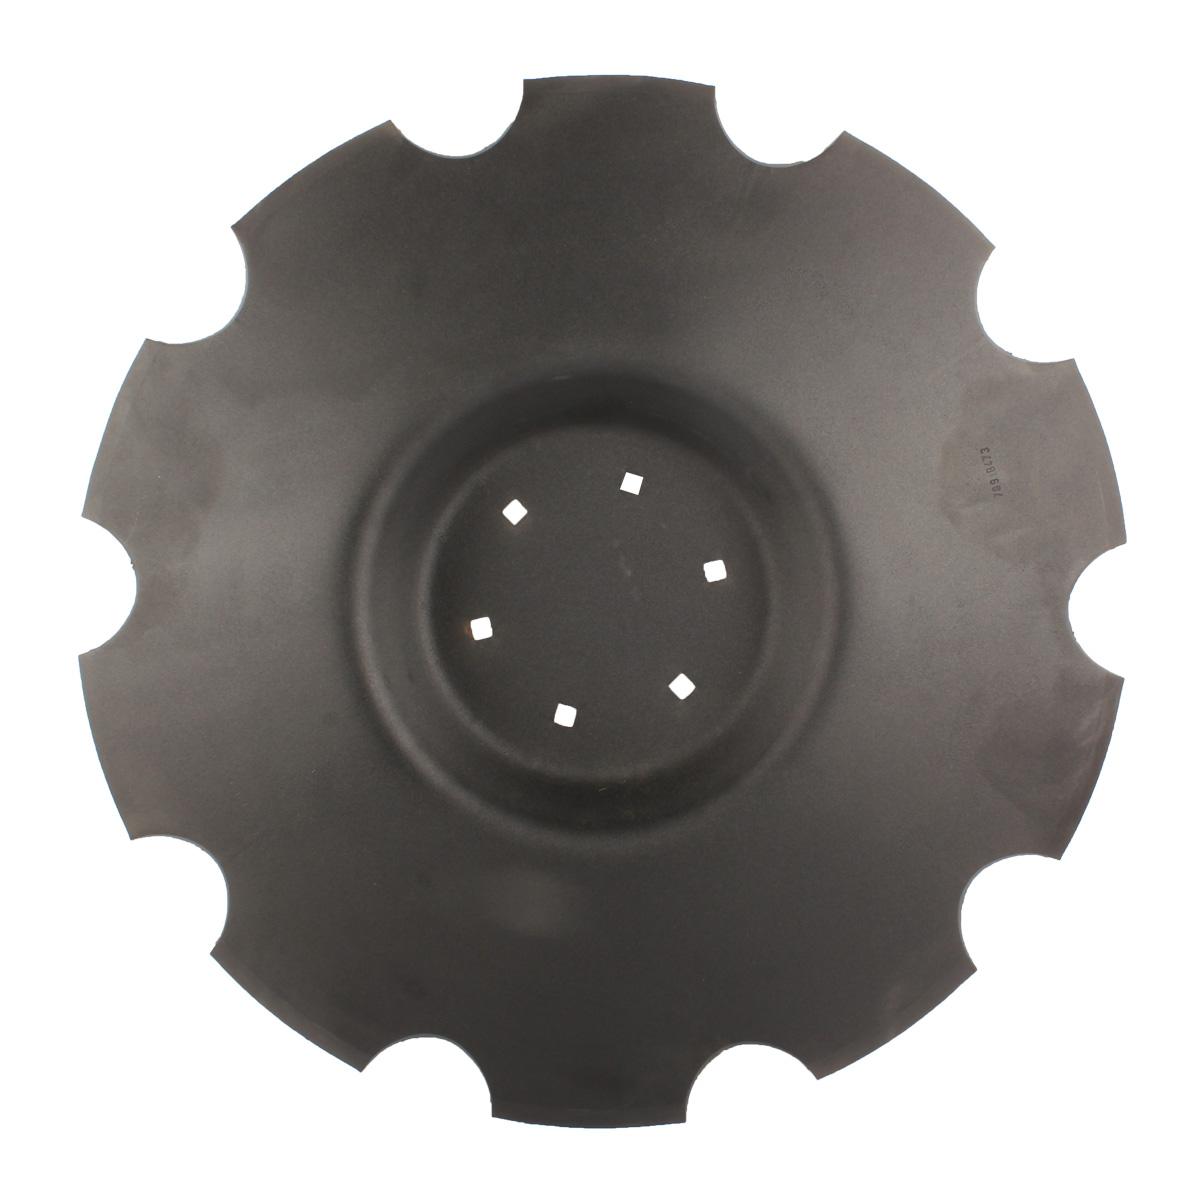 Disque crénelé 660x6 mm, 6 trous, pour déchaumeur Unia Mars TX, pièce interchangeable